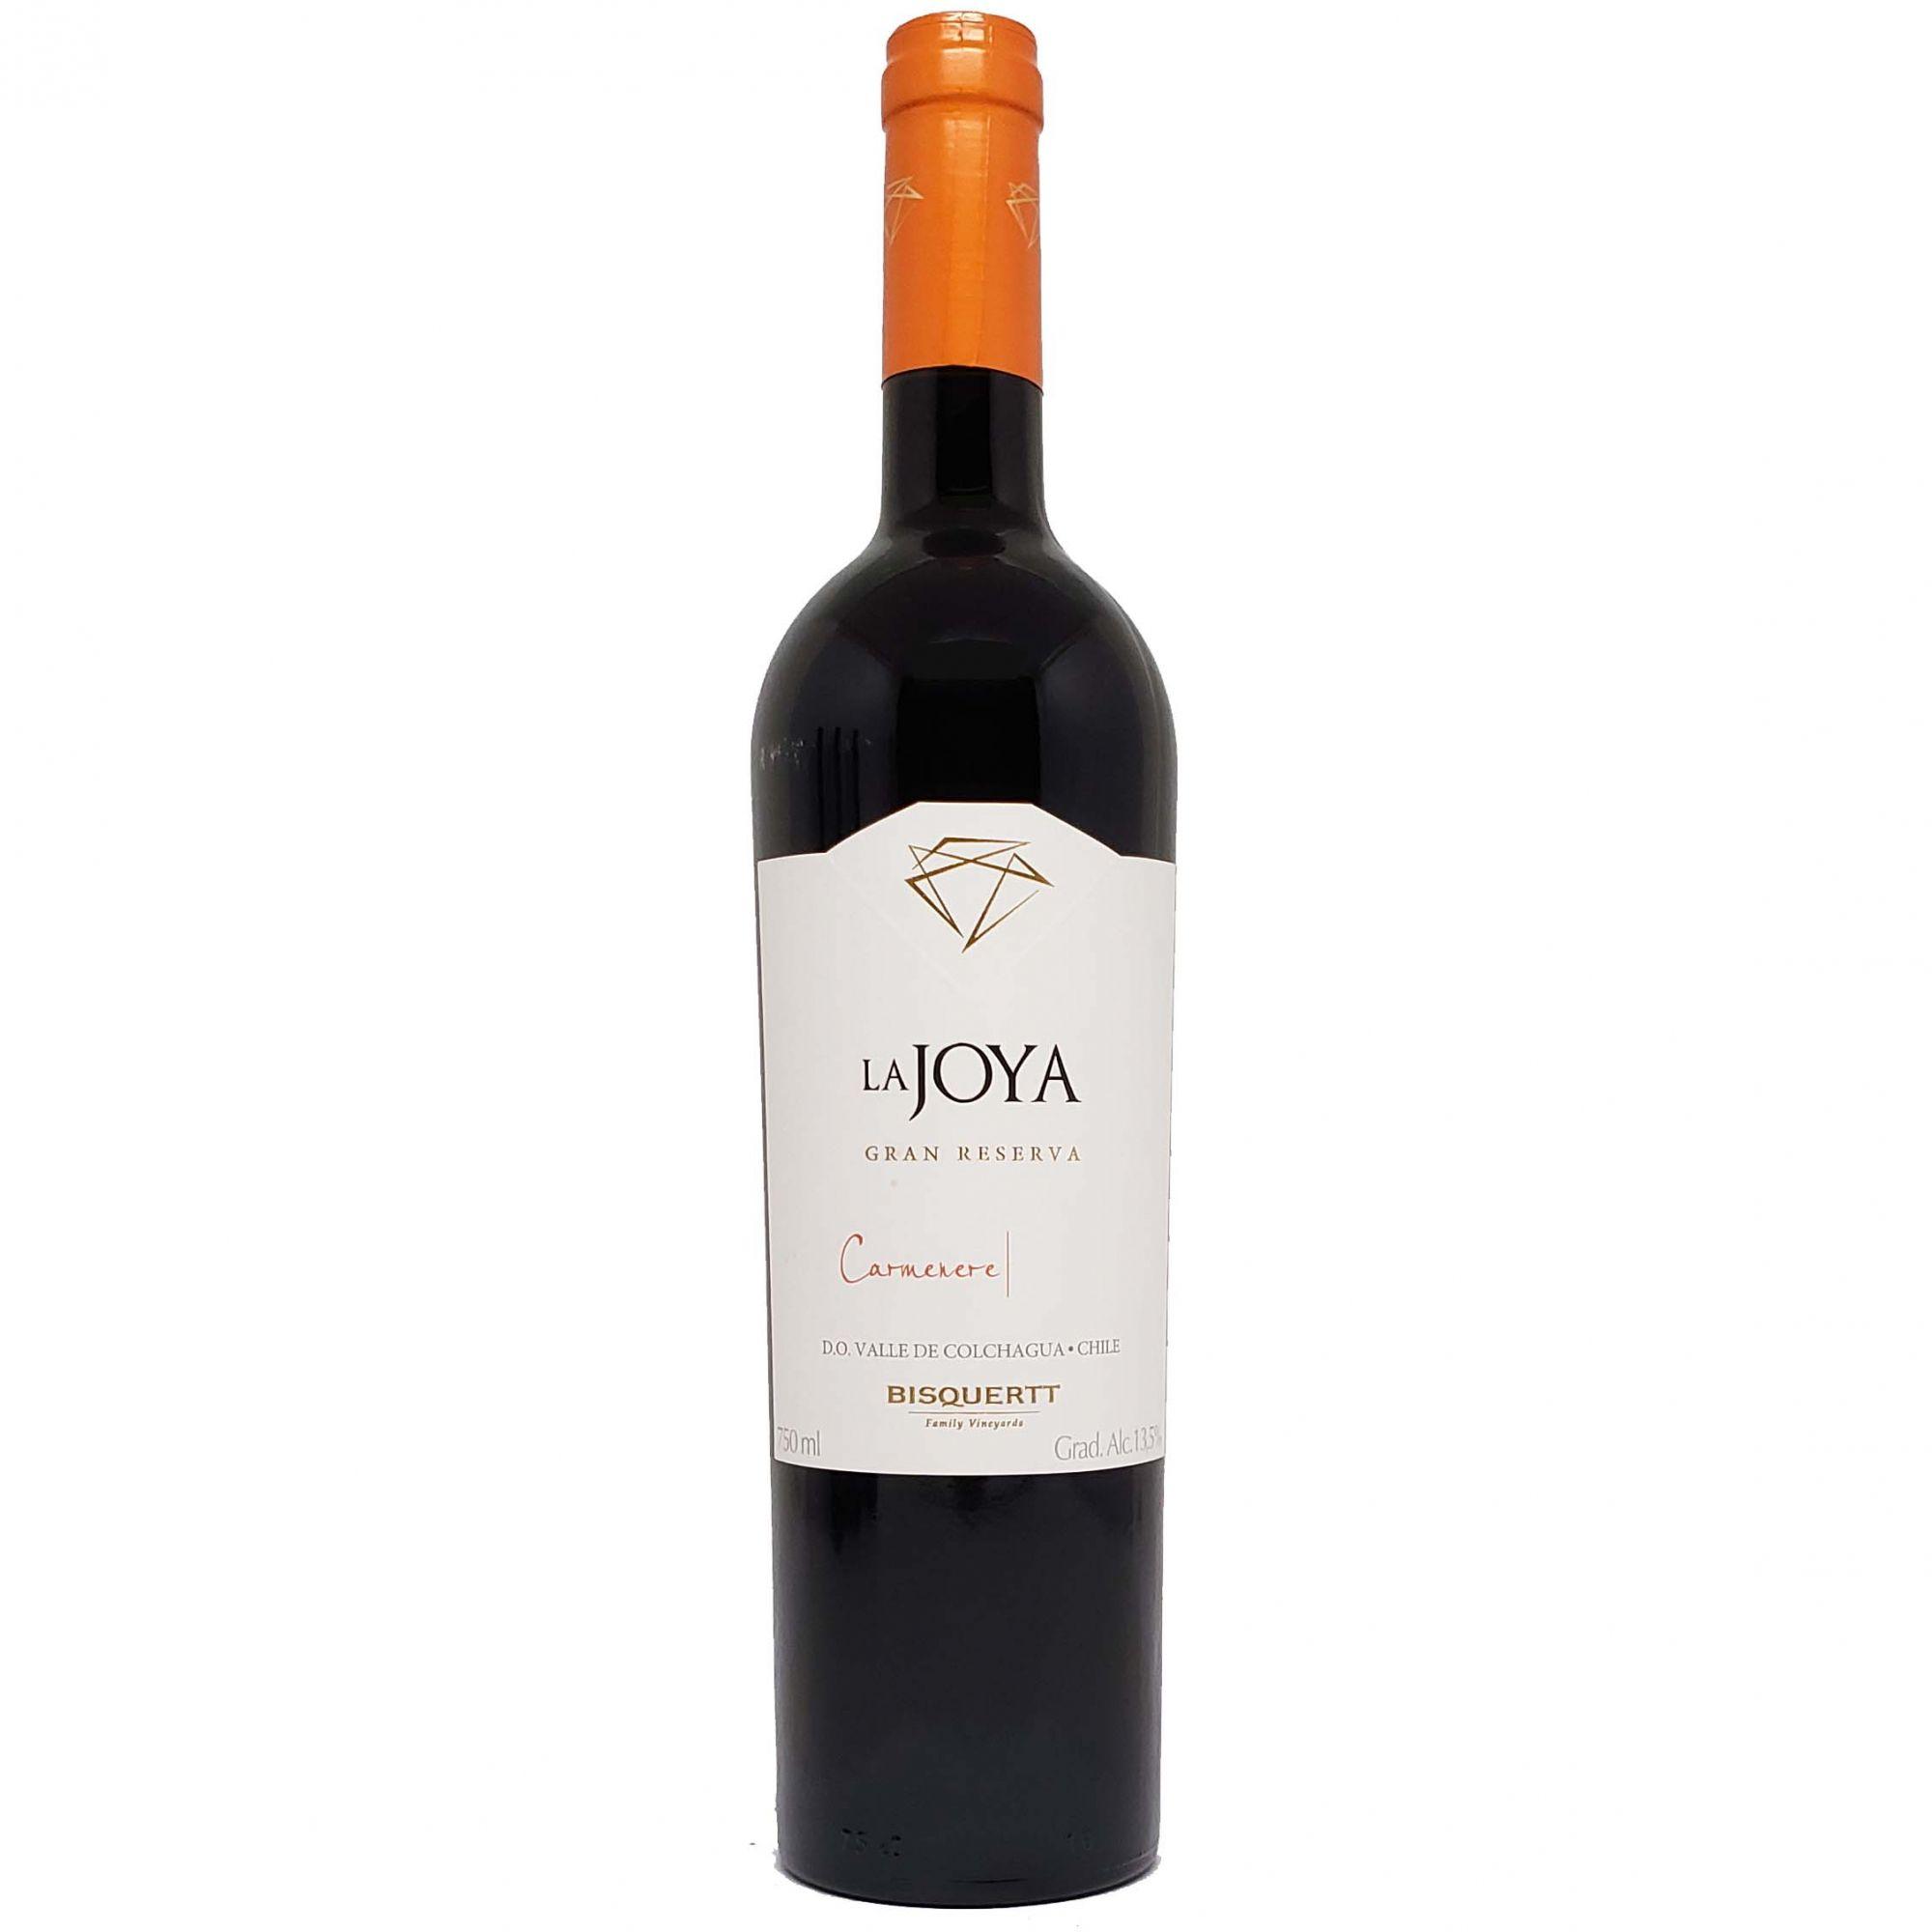 Vinho Tinto Bisquertt La Joya Gran Reserva Caménère - 750ml -